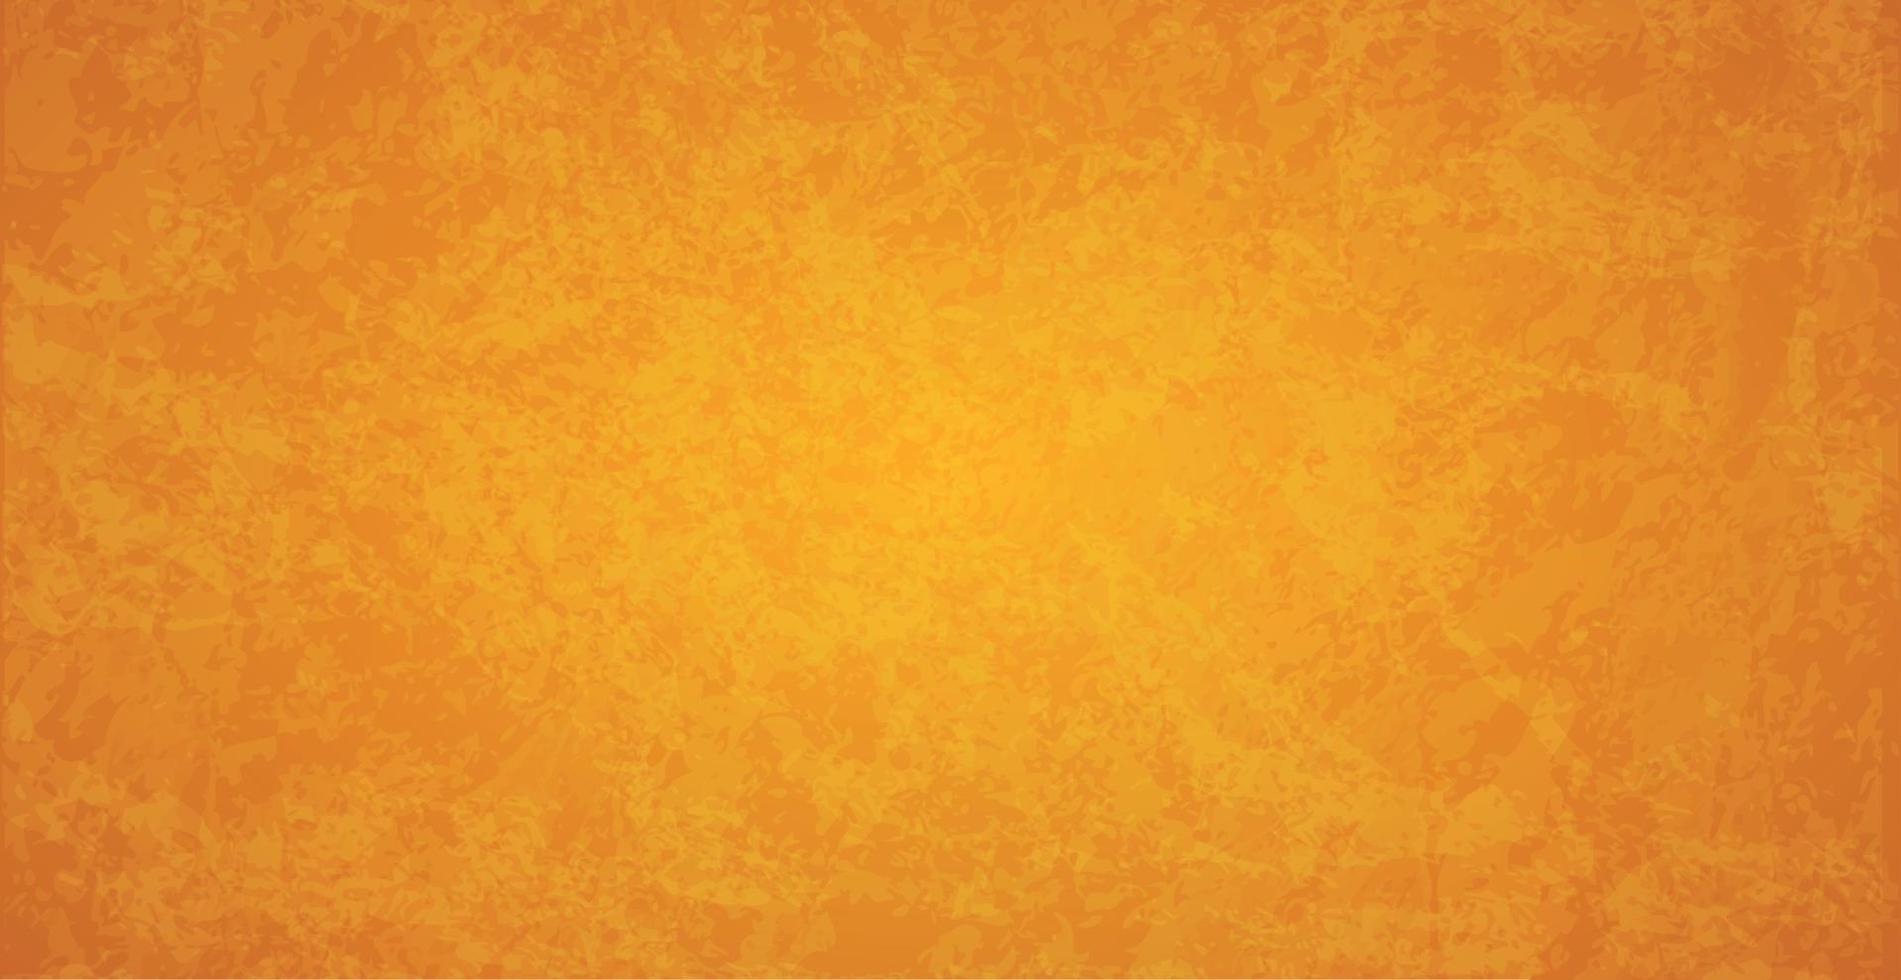 fond de web grunge texturé abstrait orange - vecteur